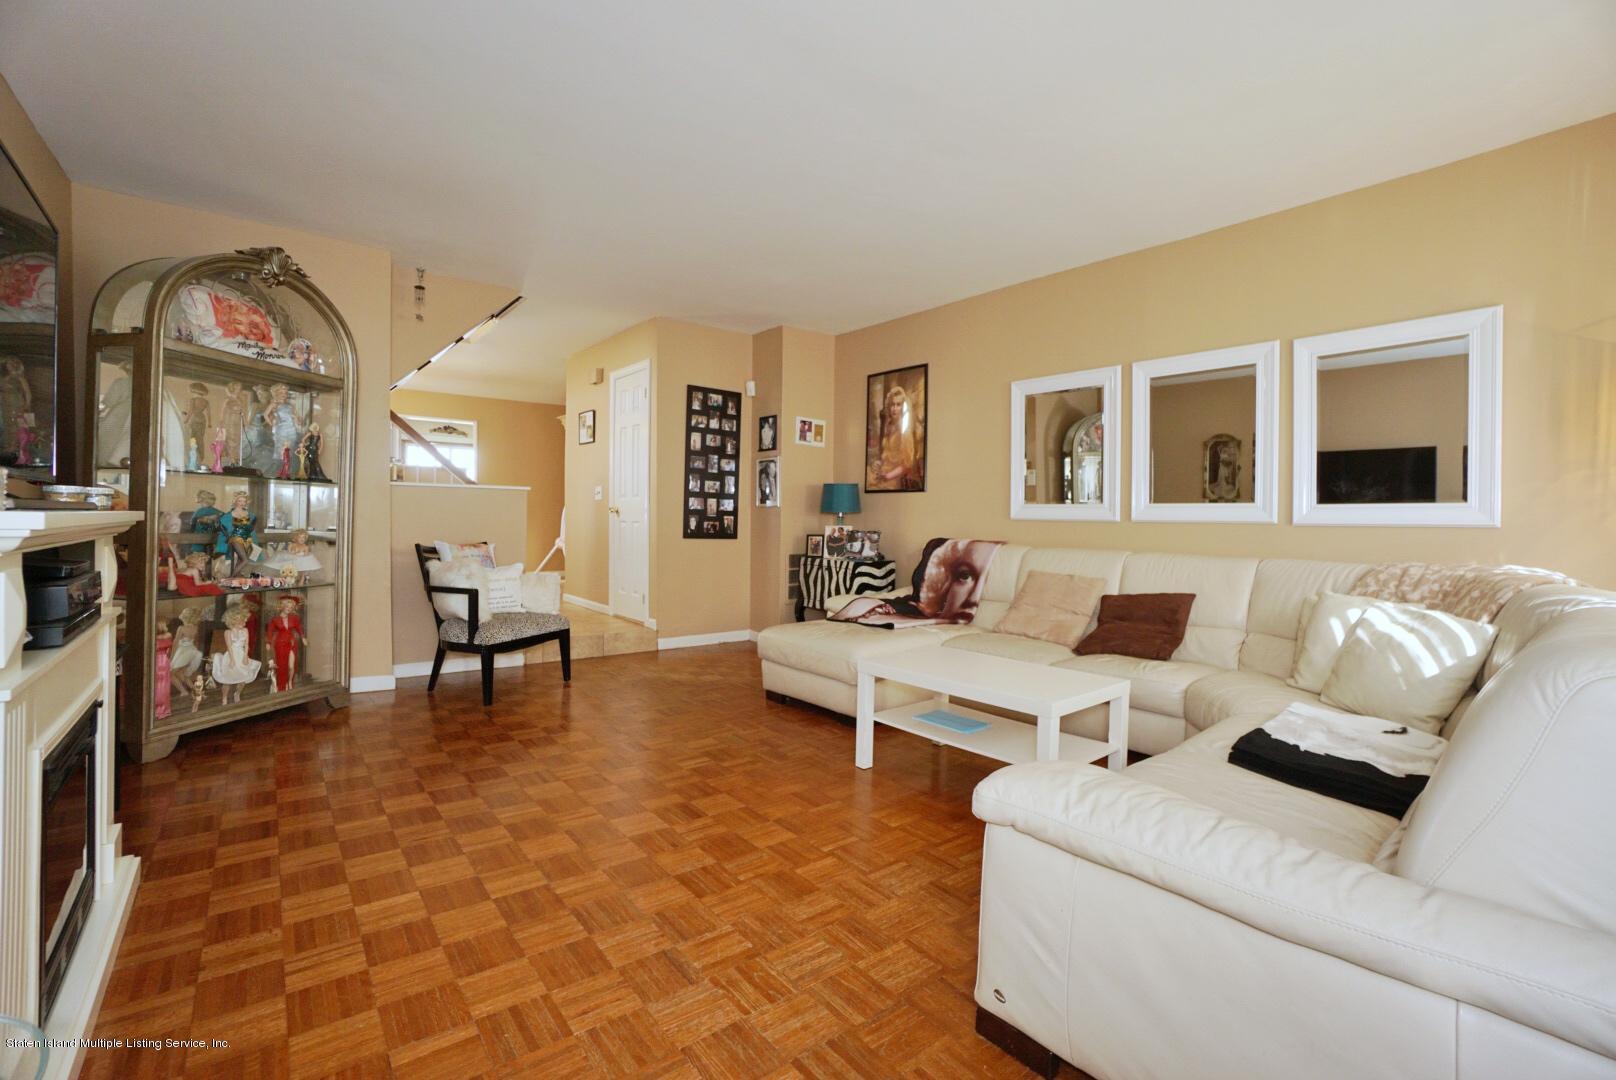 Single Family - Semi-Attached 604 Drumgoole Road  Staten Island, NY 10312, MLS-1141487-5